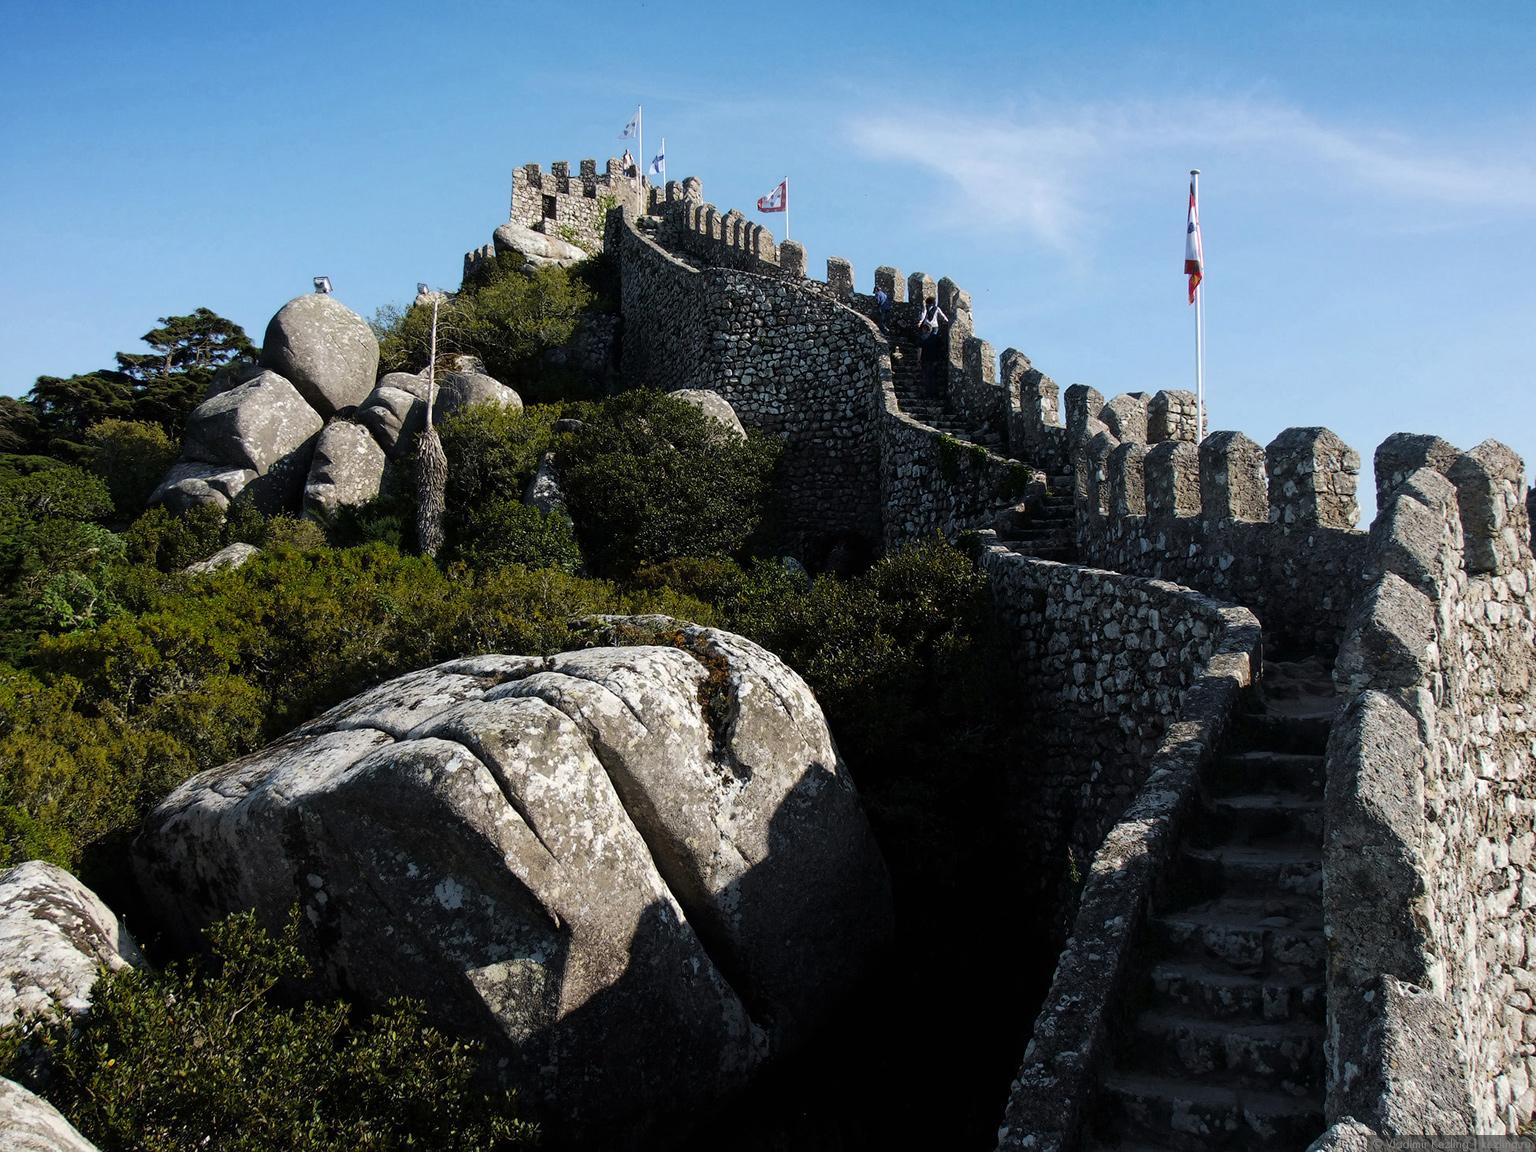 Весна в Португалии. Синтра. Замок мавров